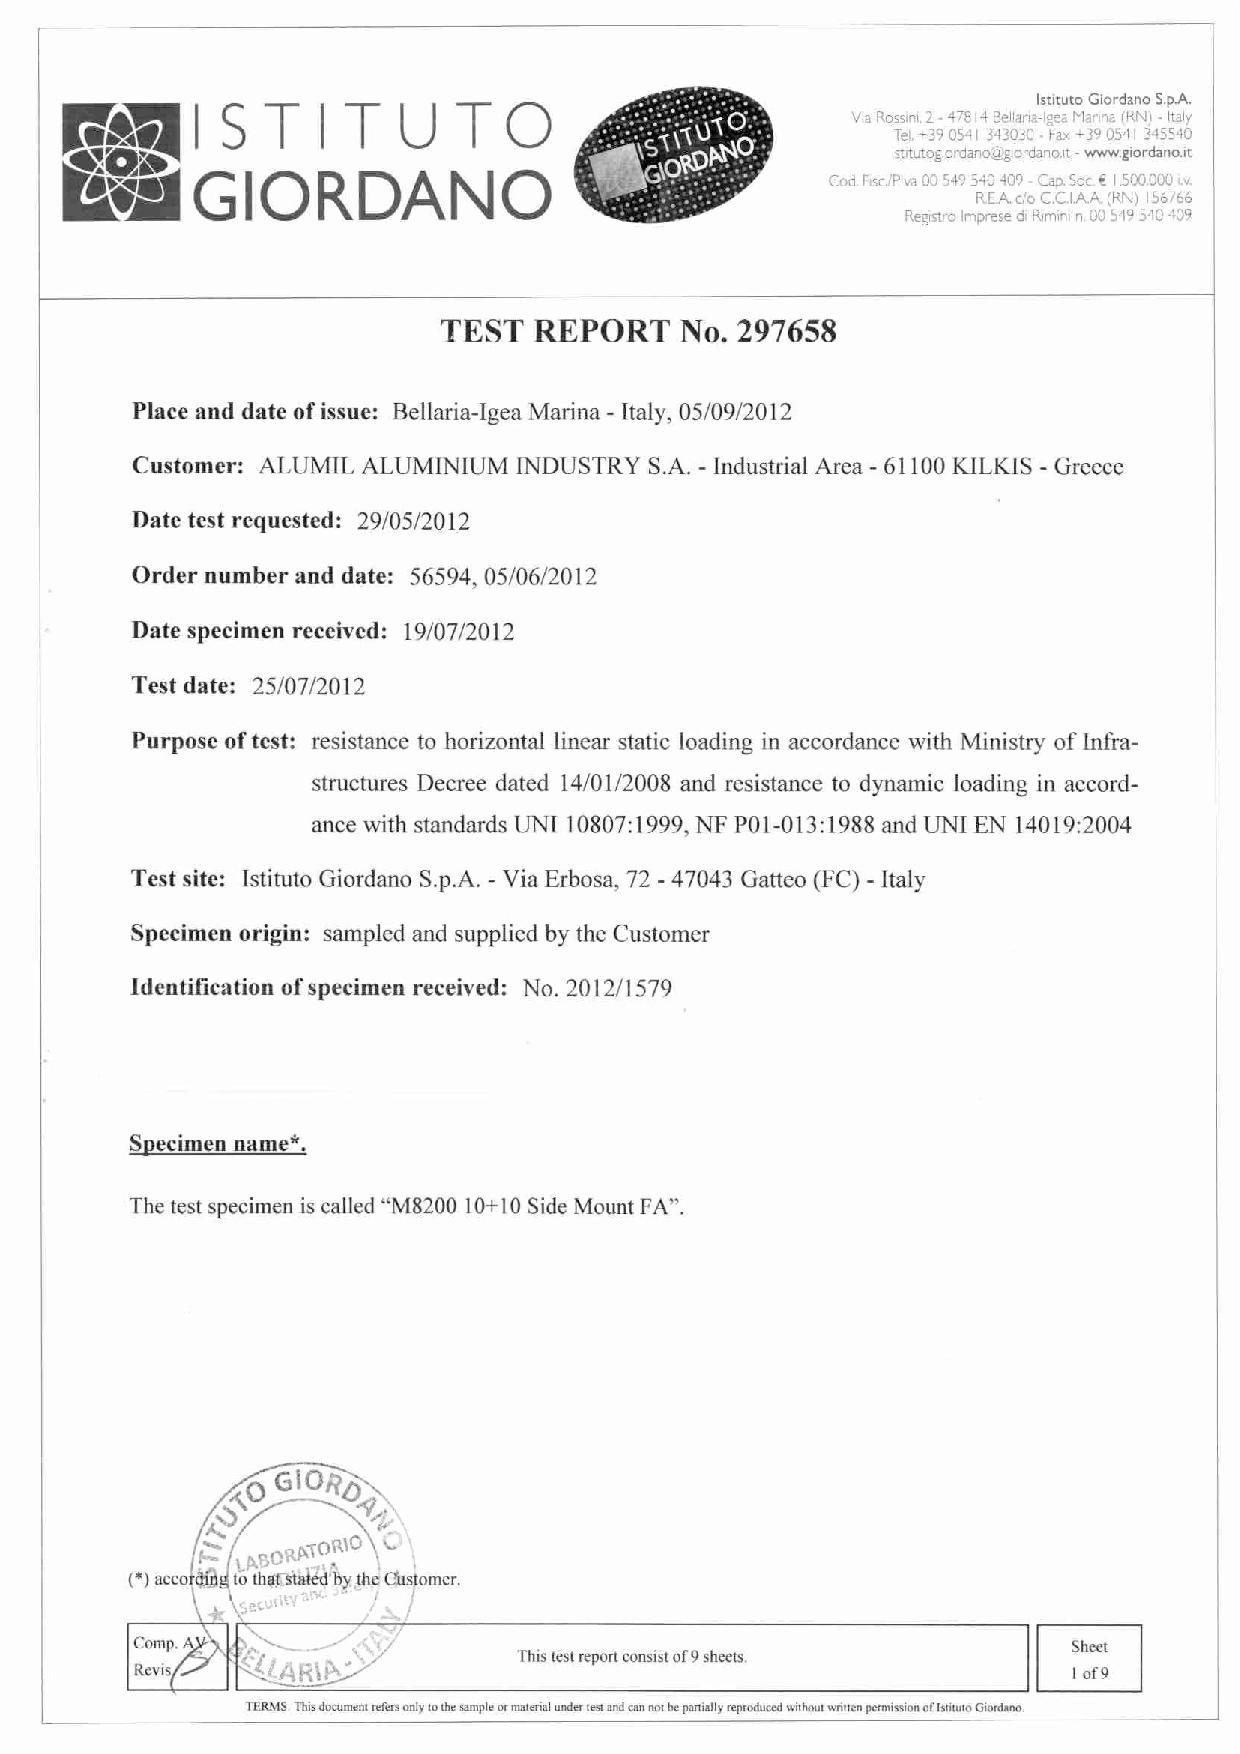 M8200_GIORDANO_EN-page-001